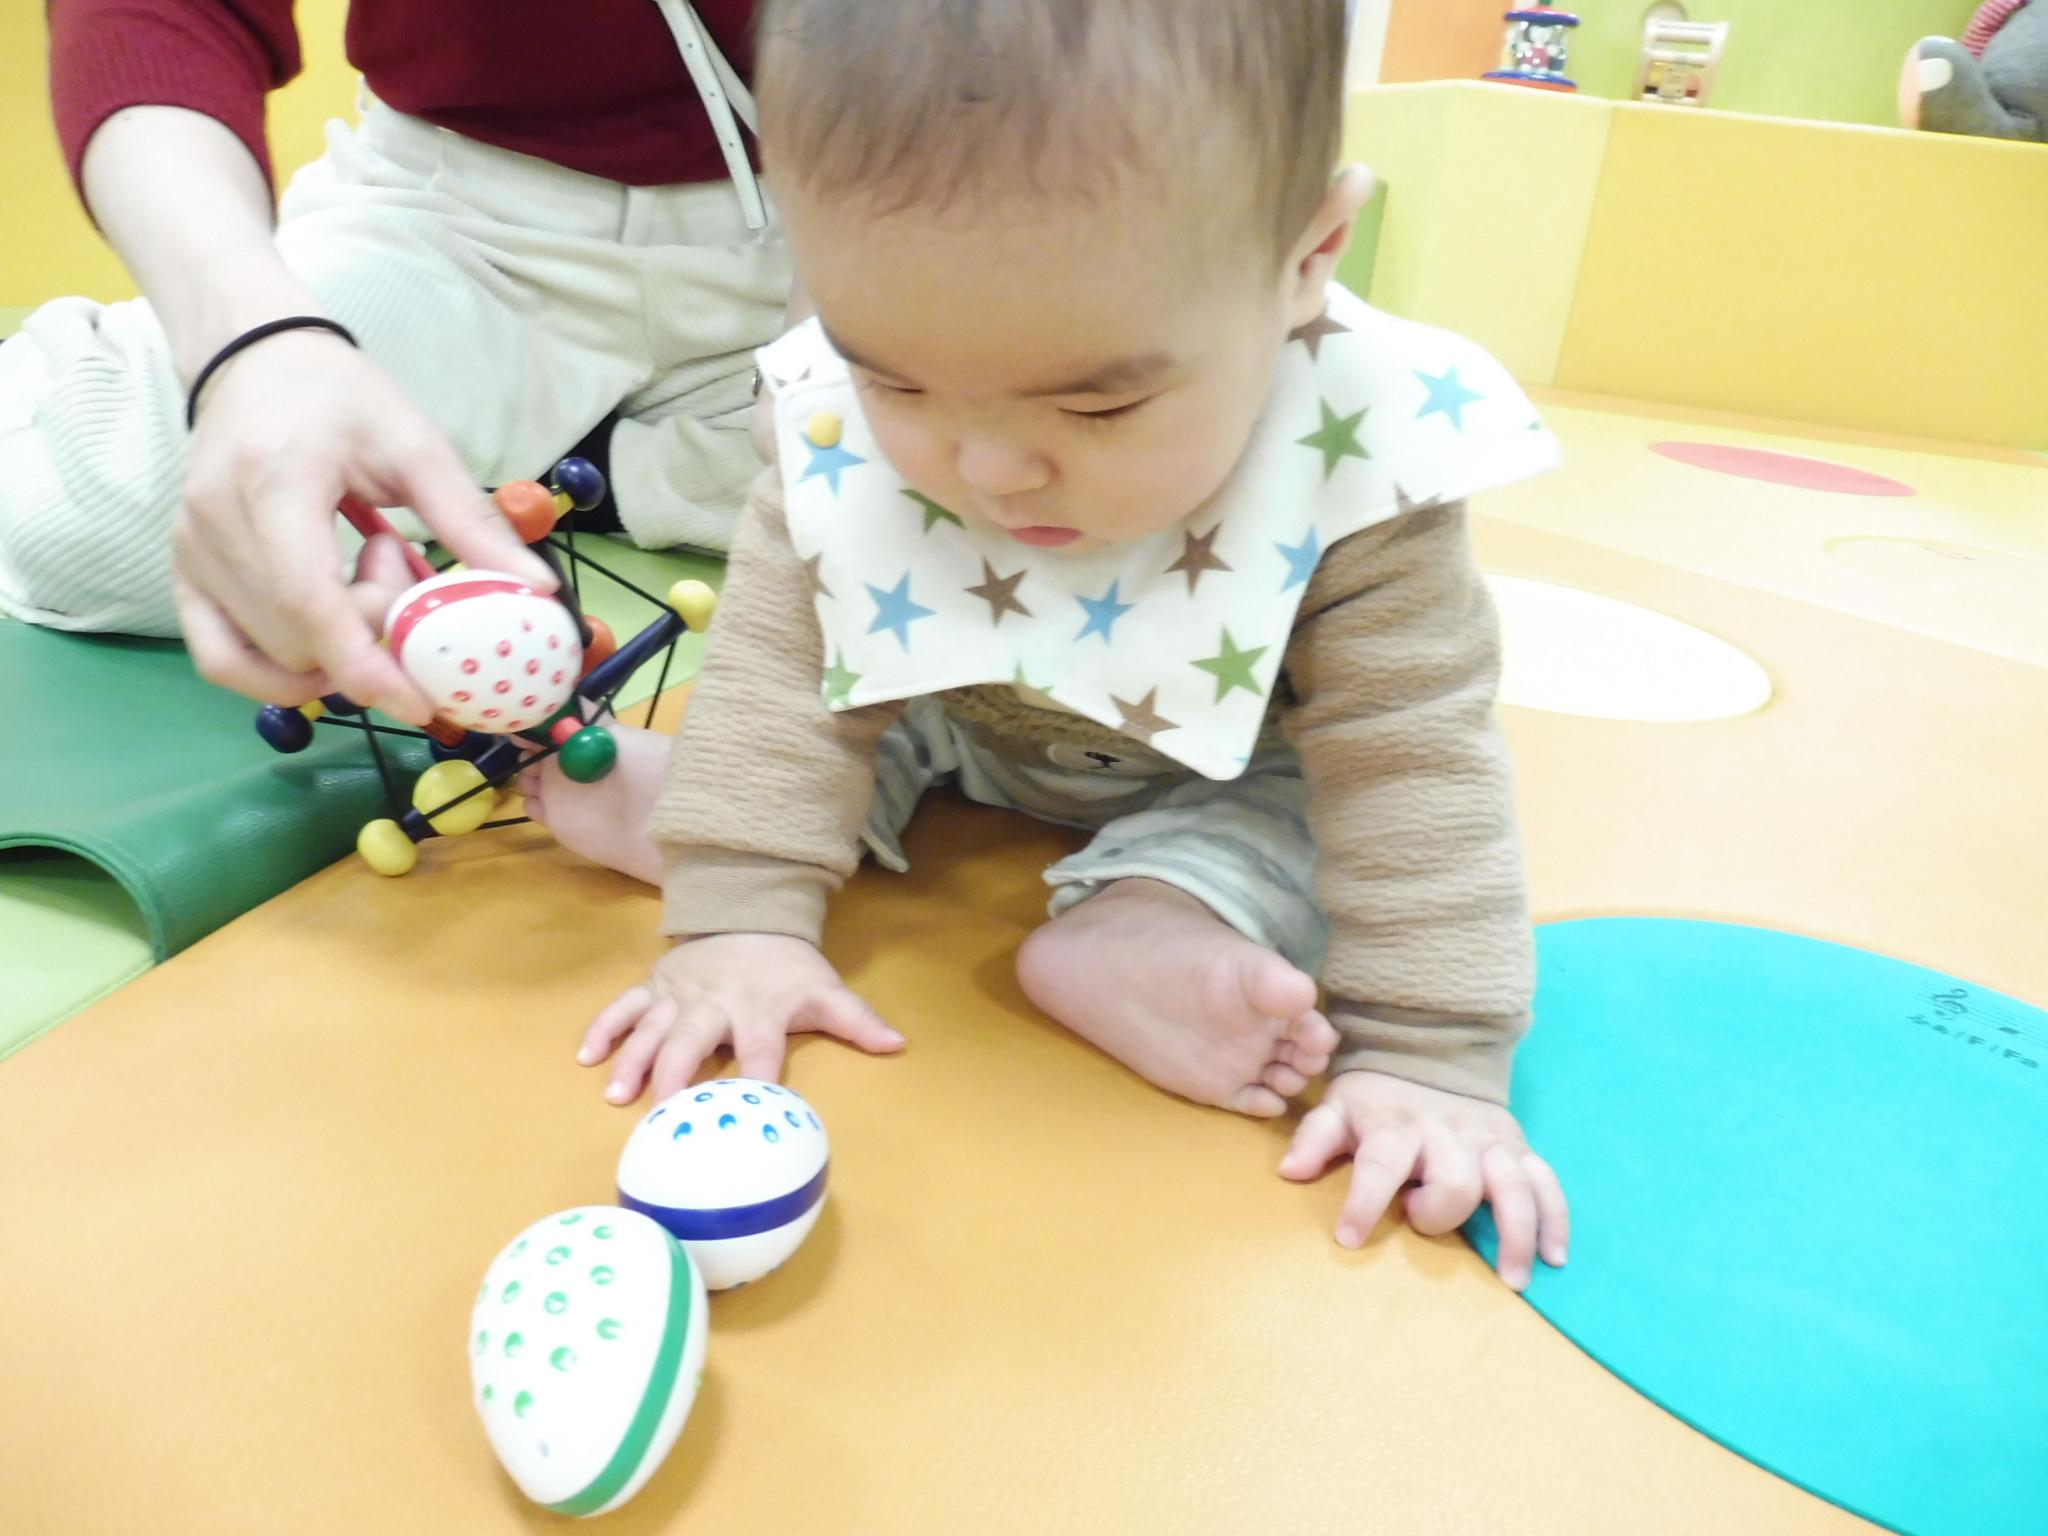 11月27日と29日の赤ちゃんのイベントの様子